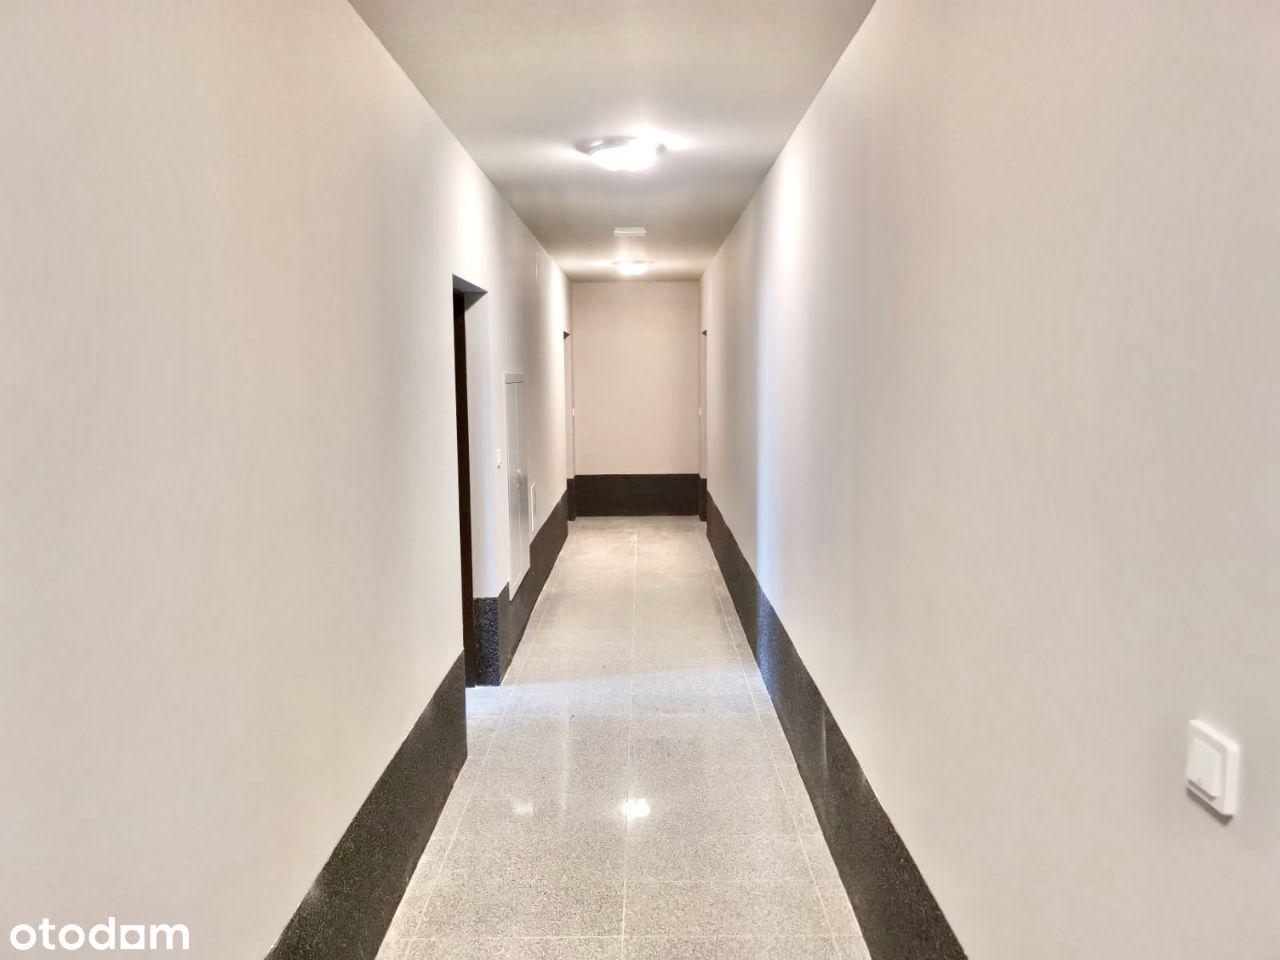 NOWE mieszkanie - 41 m2 ogródka!